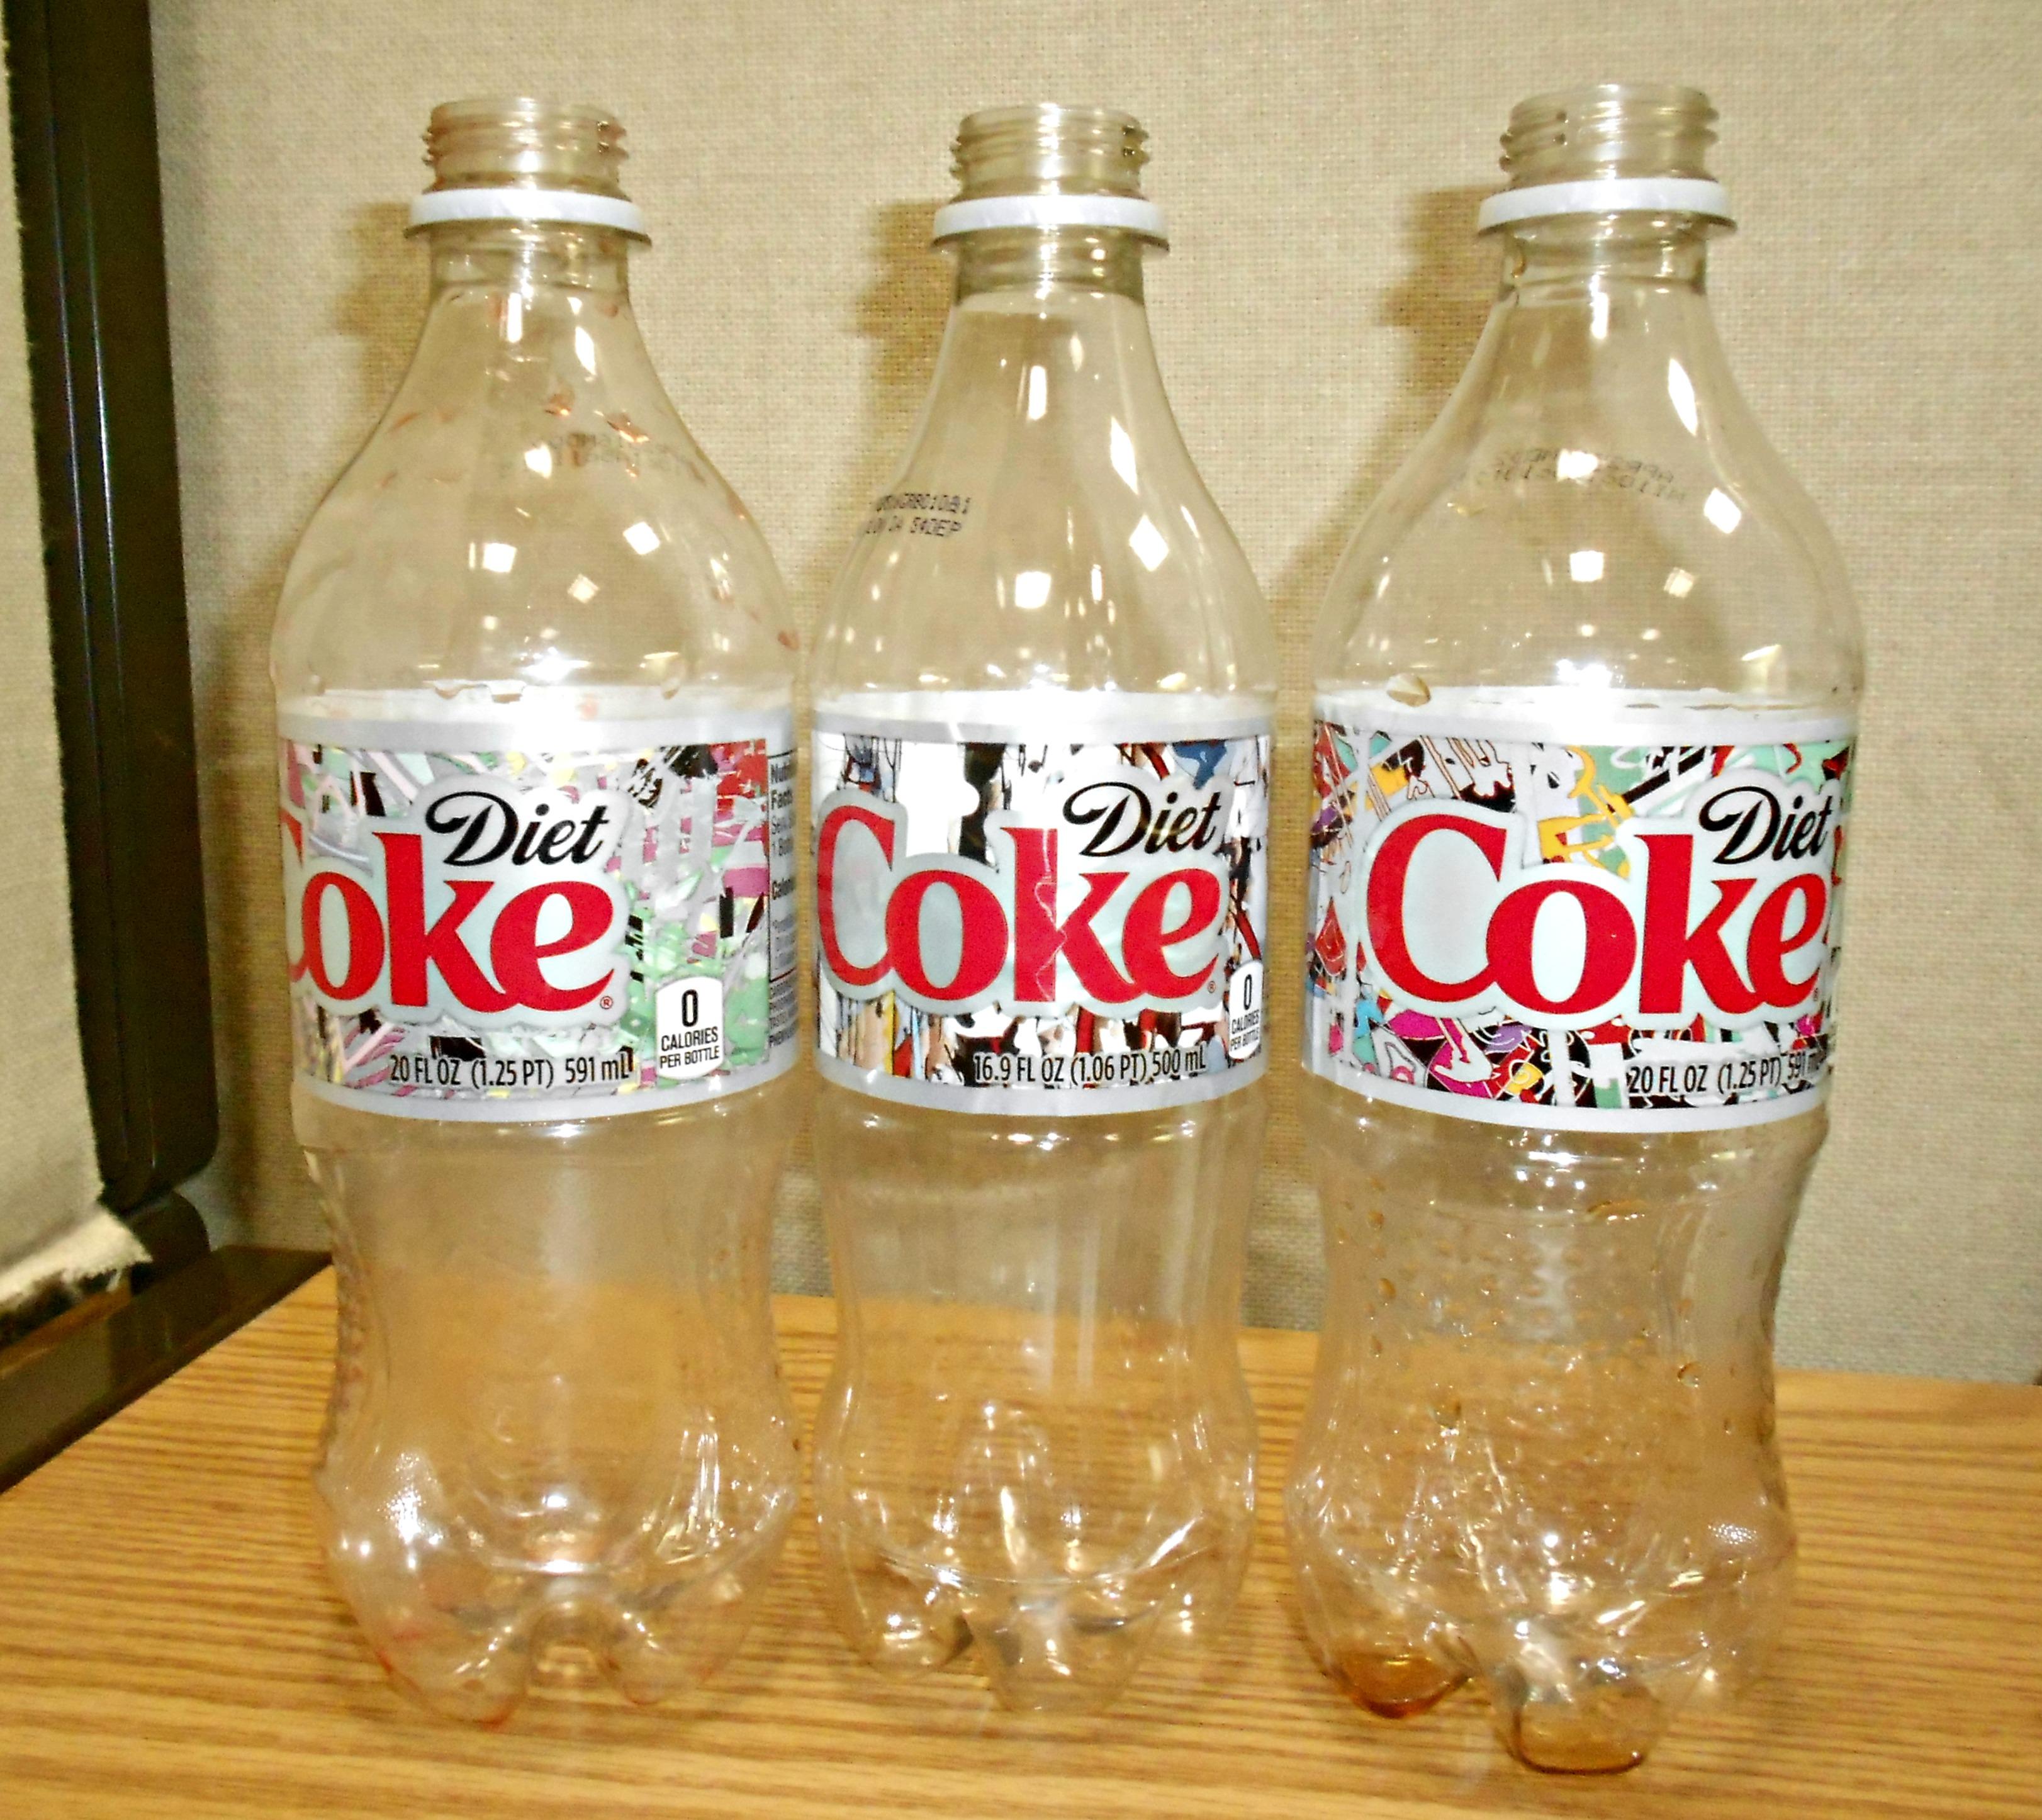 1 diet coke 2